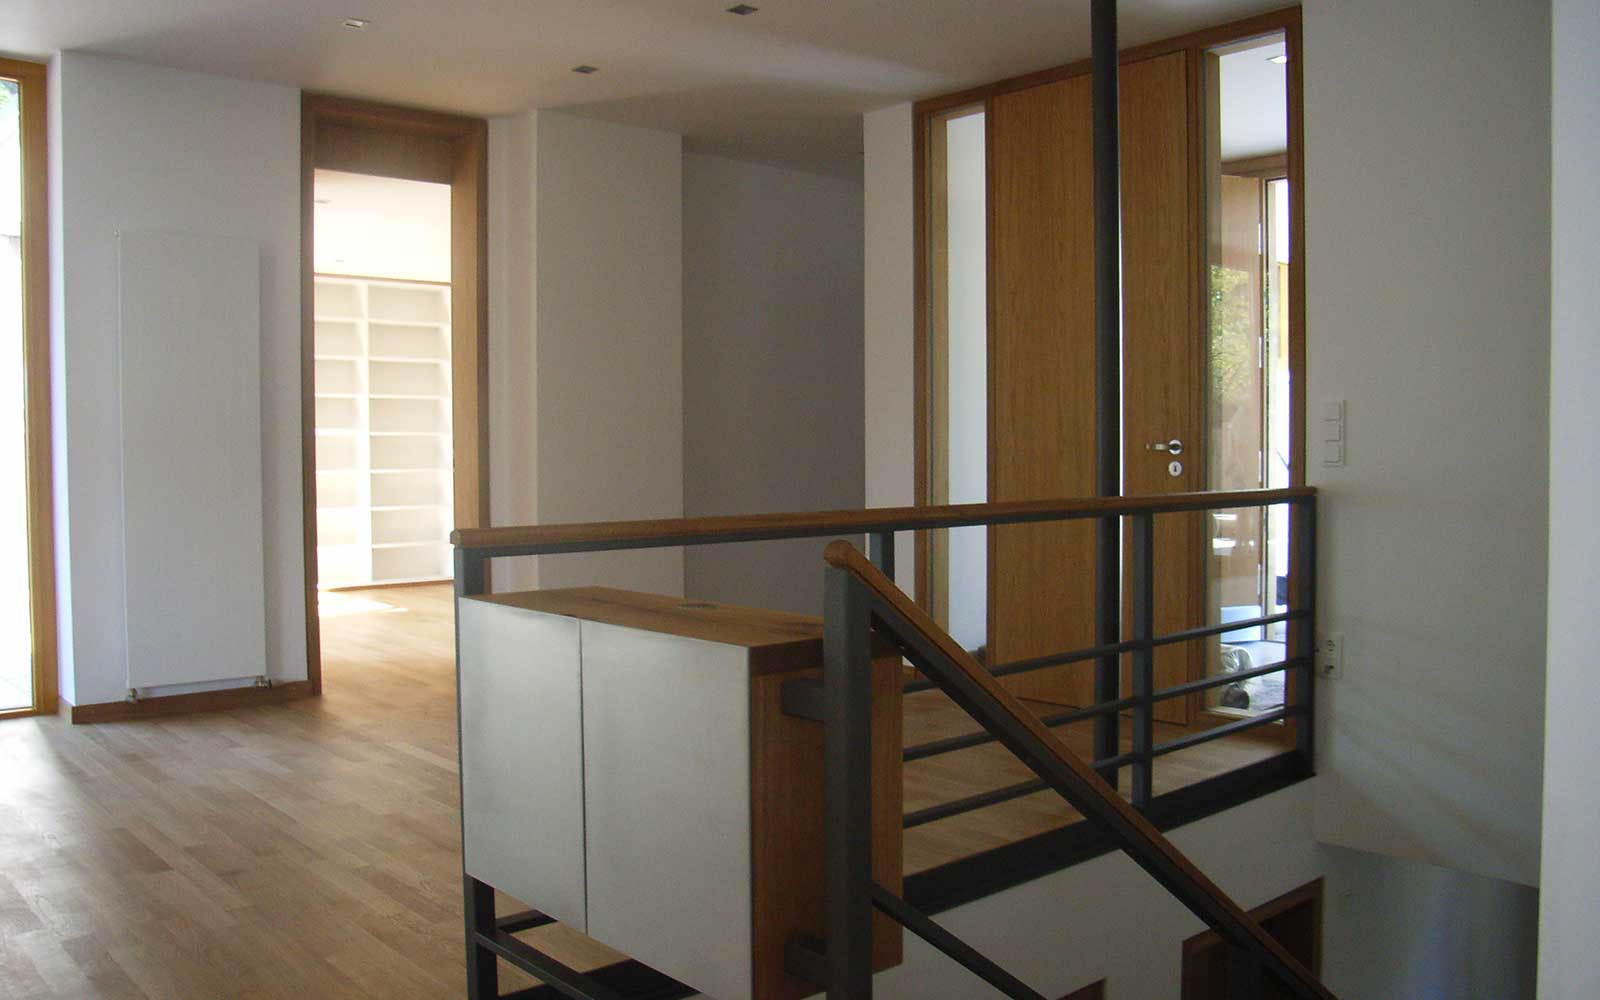 Einfamilienhaus in Ziegelhausen, Kochhan und Weckbach Architekten Heidelberg